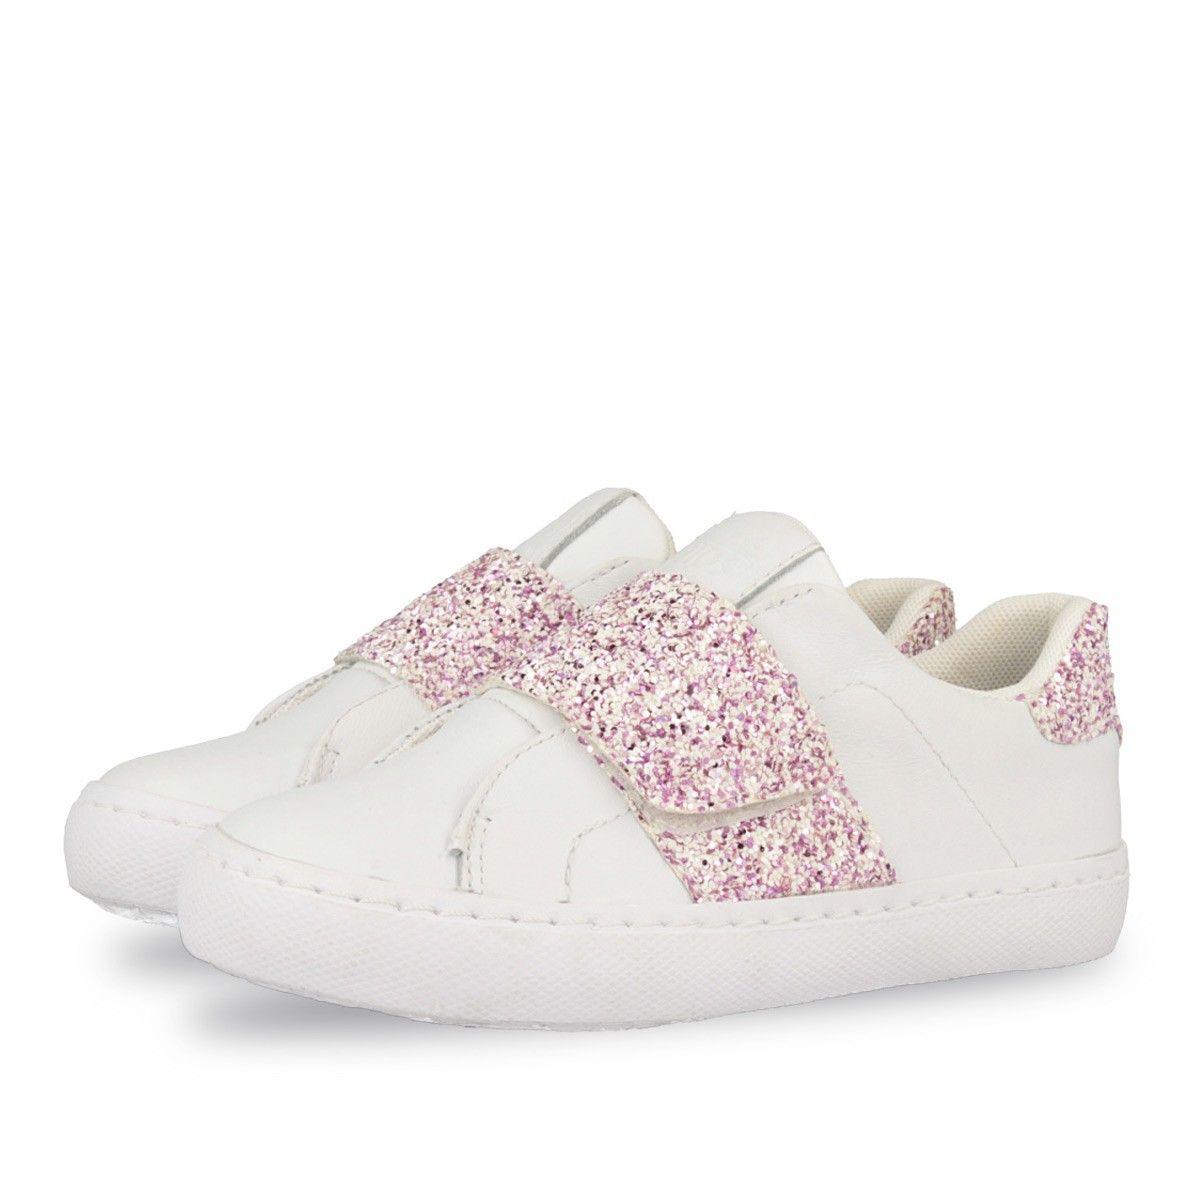 Zapatos blancos con velcro Avento infantiles I01I4s